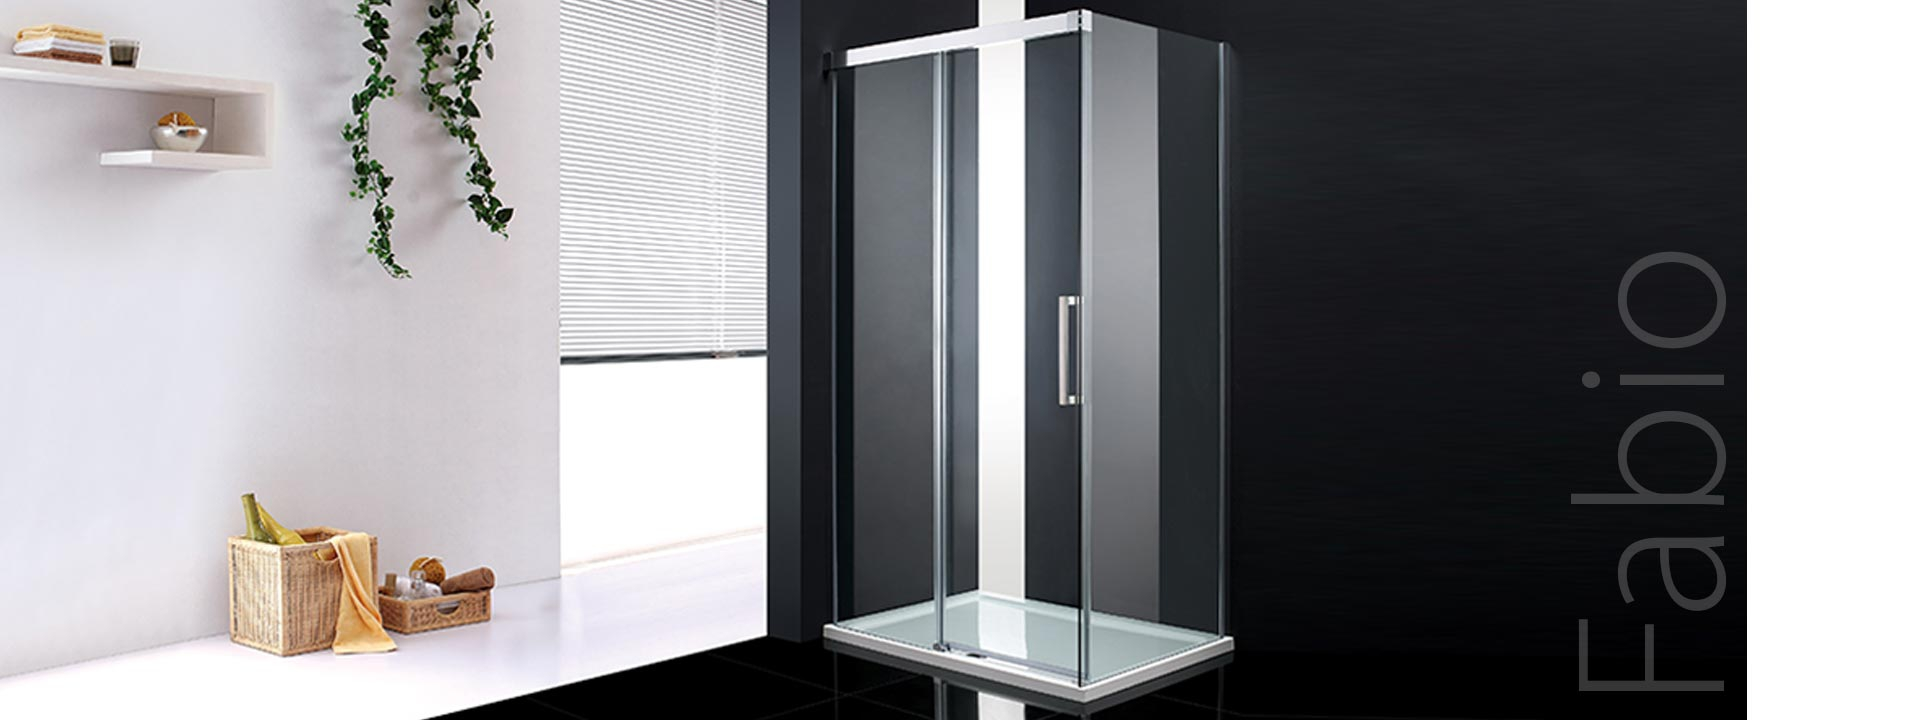 Душ кабини за баня,фирми за оборудване за баня,оборудване за баня